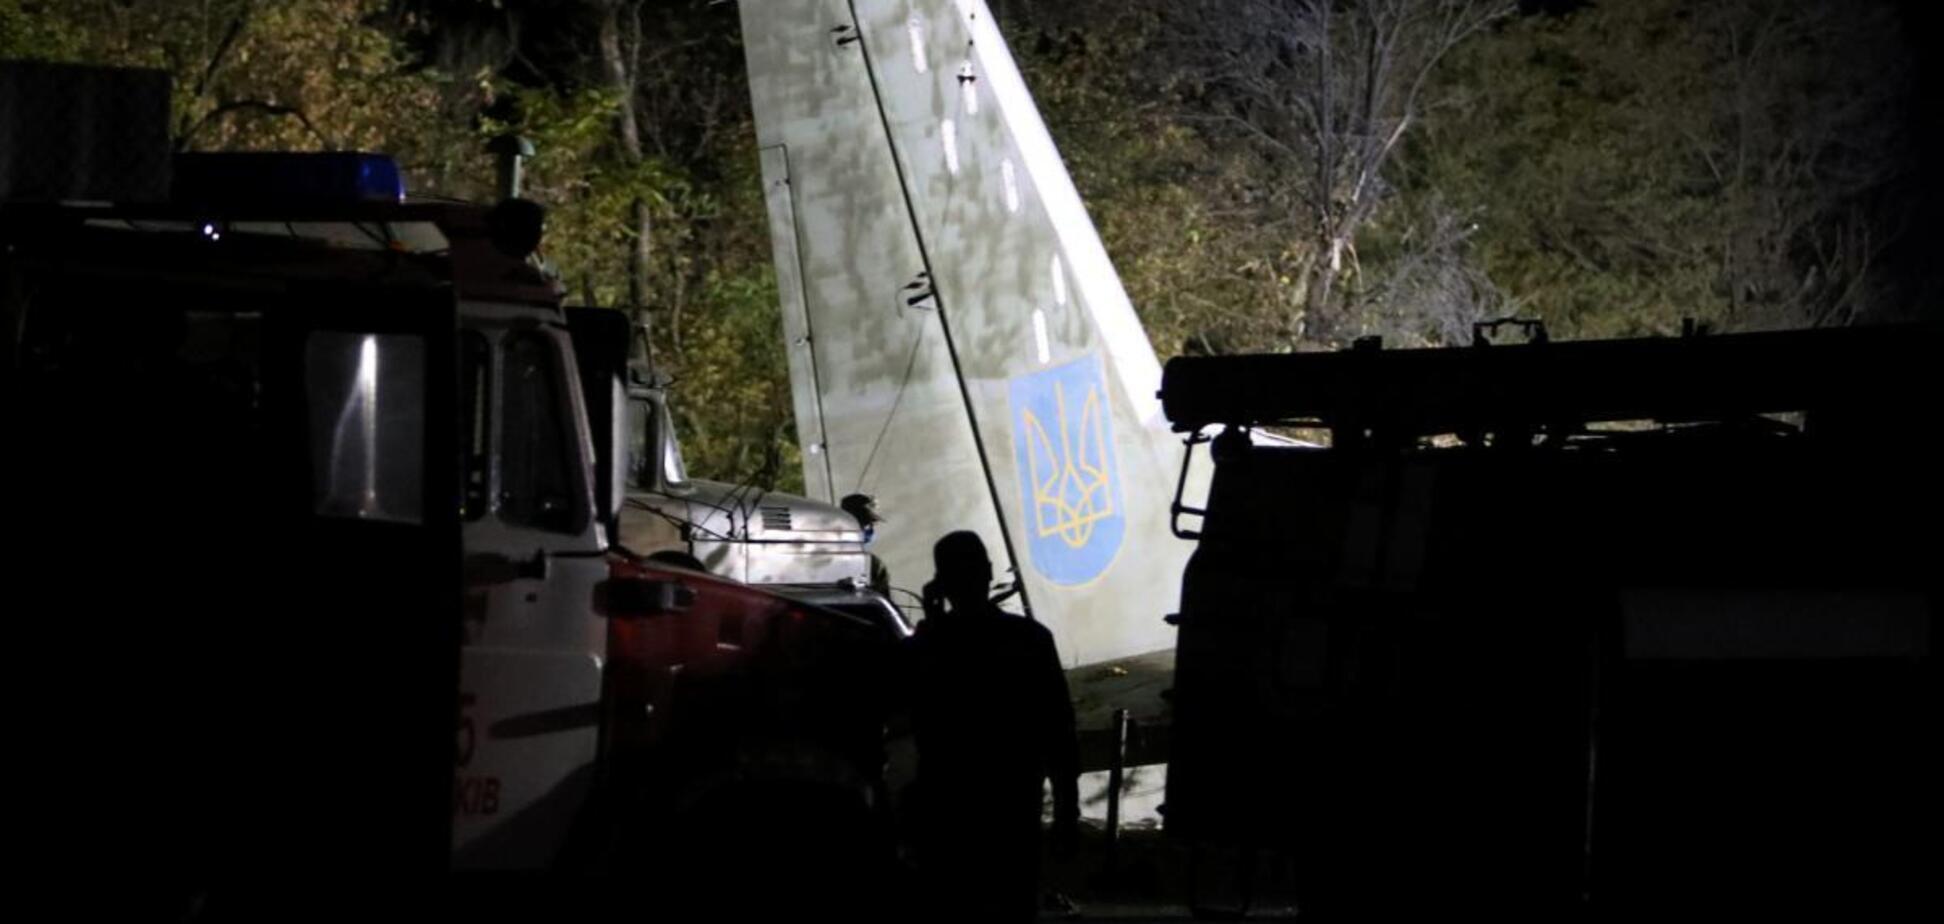 ДБР звернулося до свідків катастрофи Ан-26